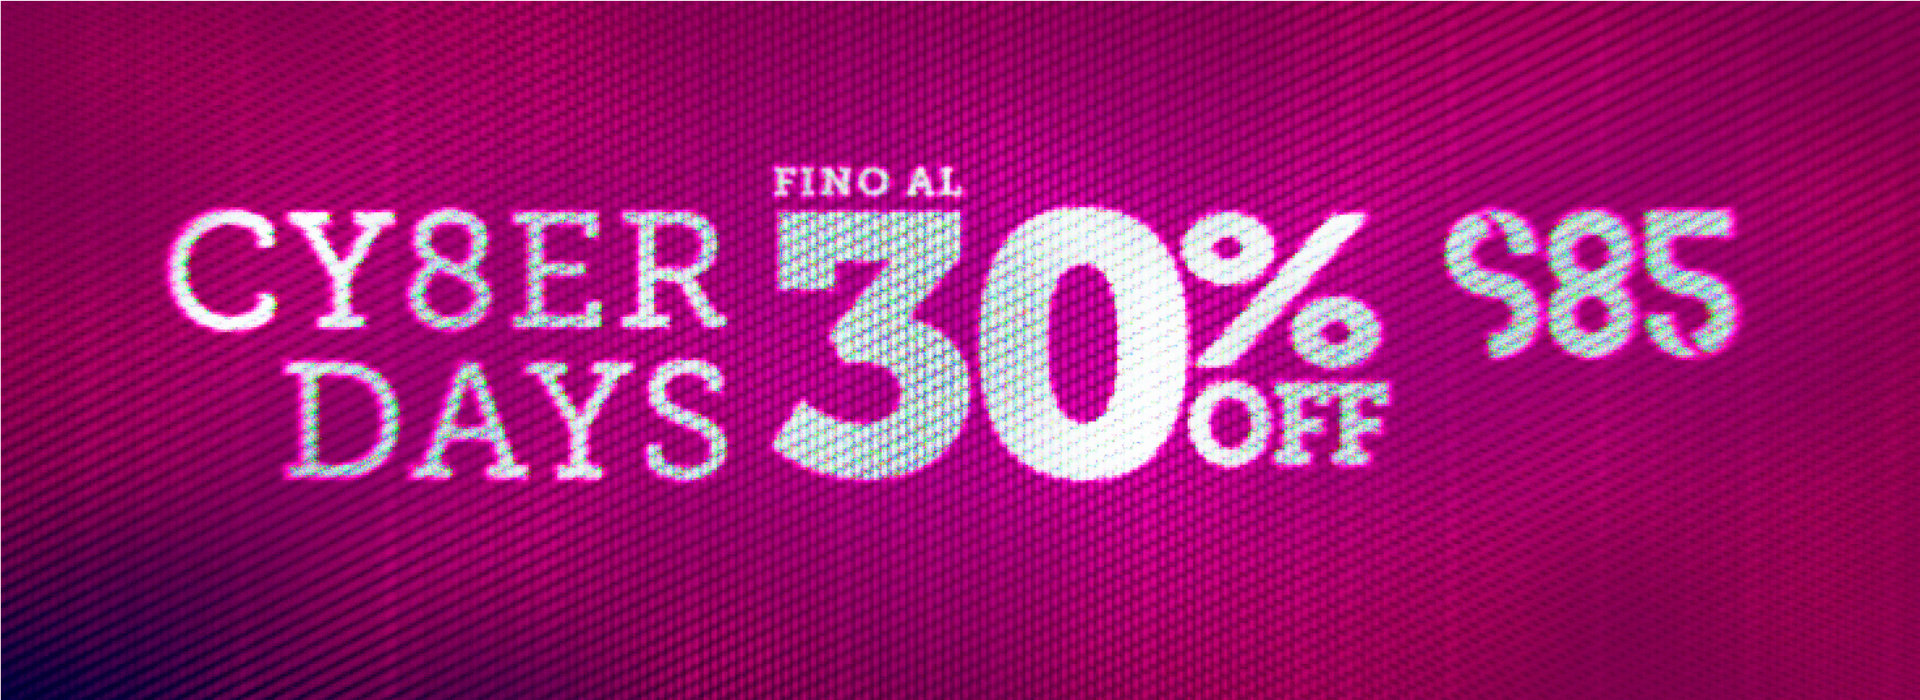 Cyber Days - Promo Fino al 30% sulla collezione Autunno/Inverno